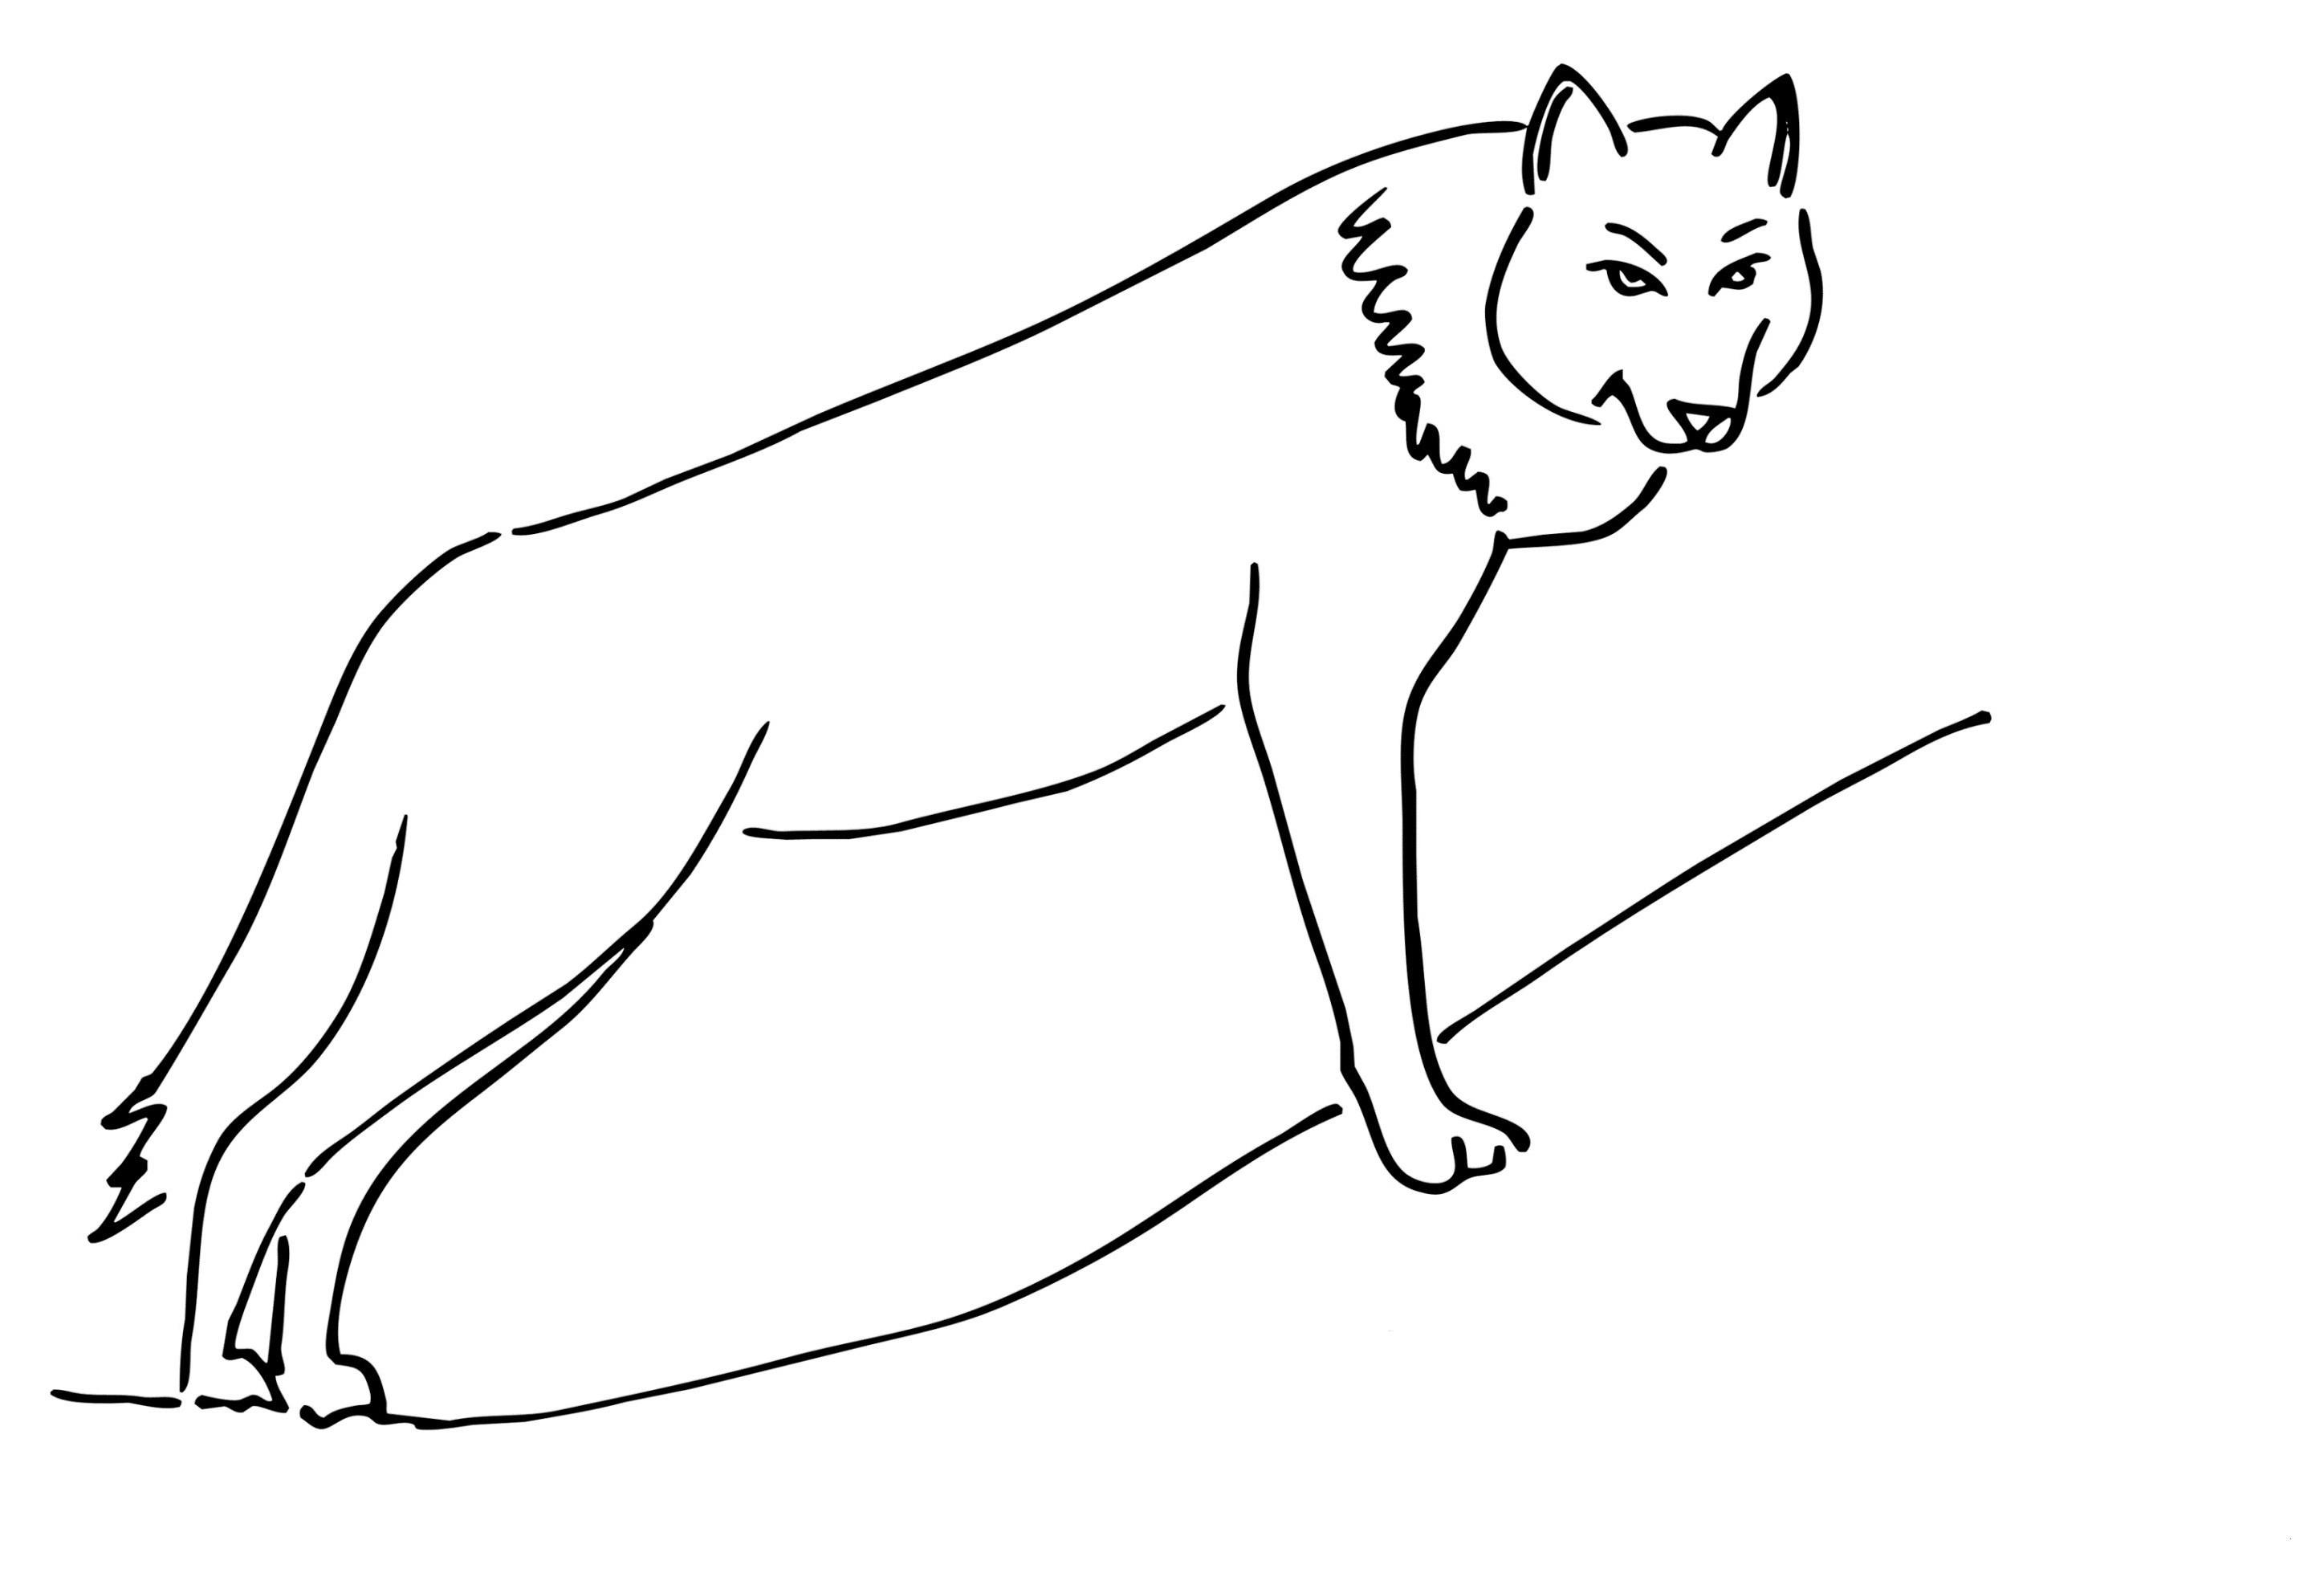 Wolf Bilder Zum Ausmalen Einzigartig 35 Fantastisch Ausmalbilder Fuchs – Malvorlagen Ideen Stock